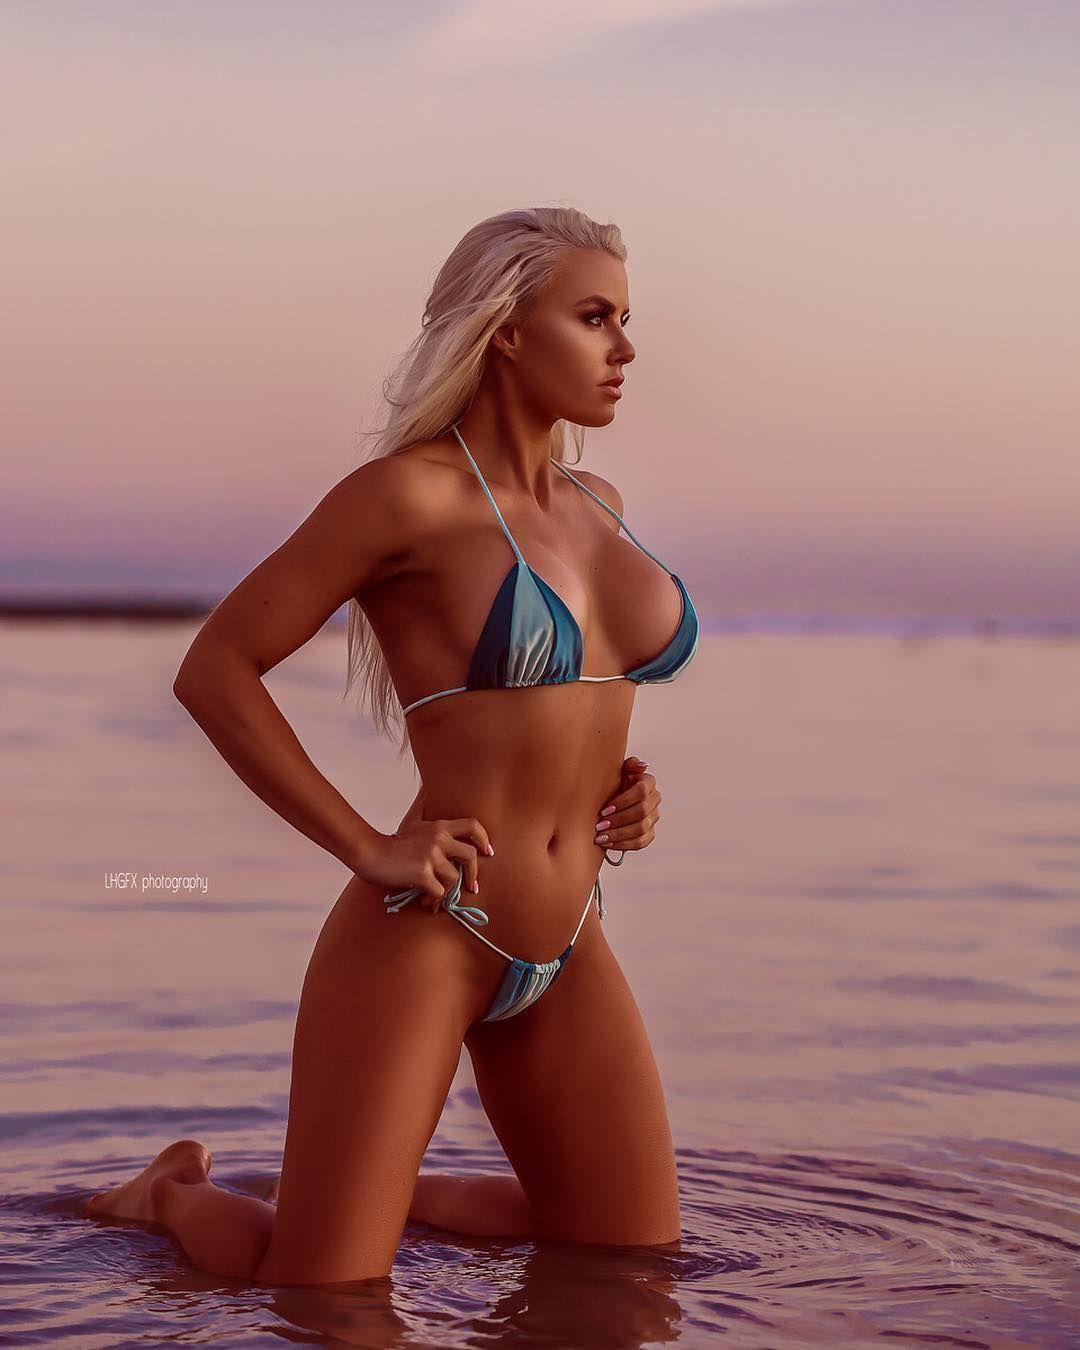 Holly Barker Nude Photos 27